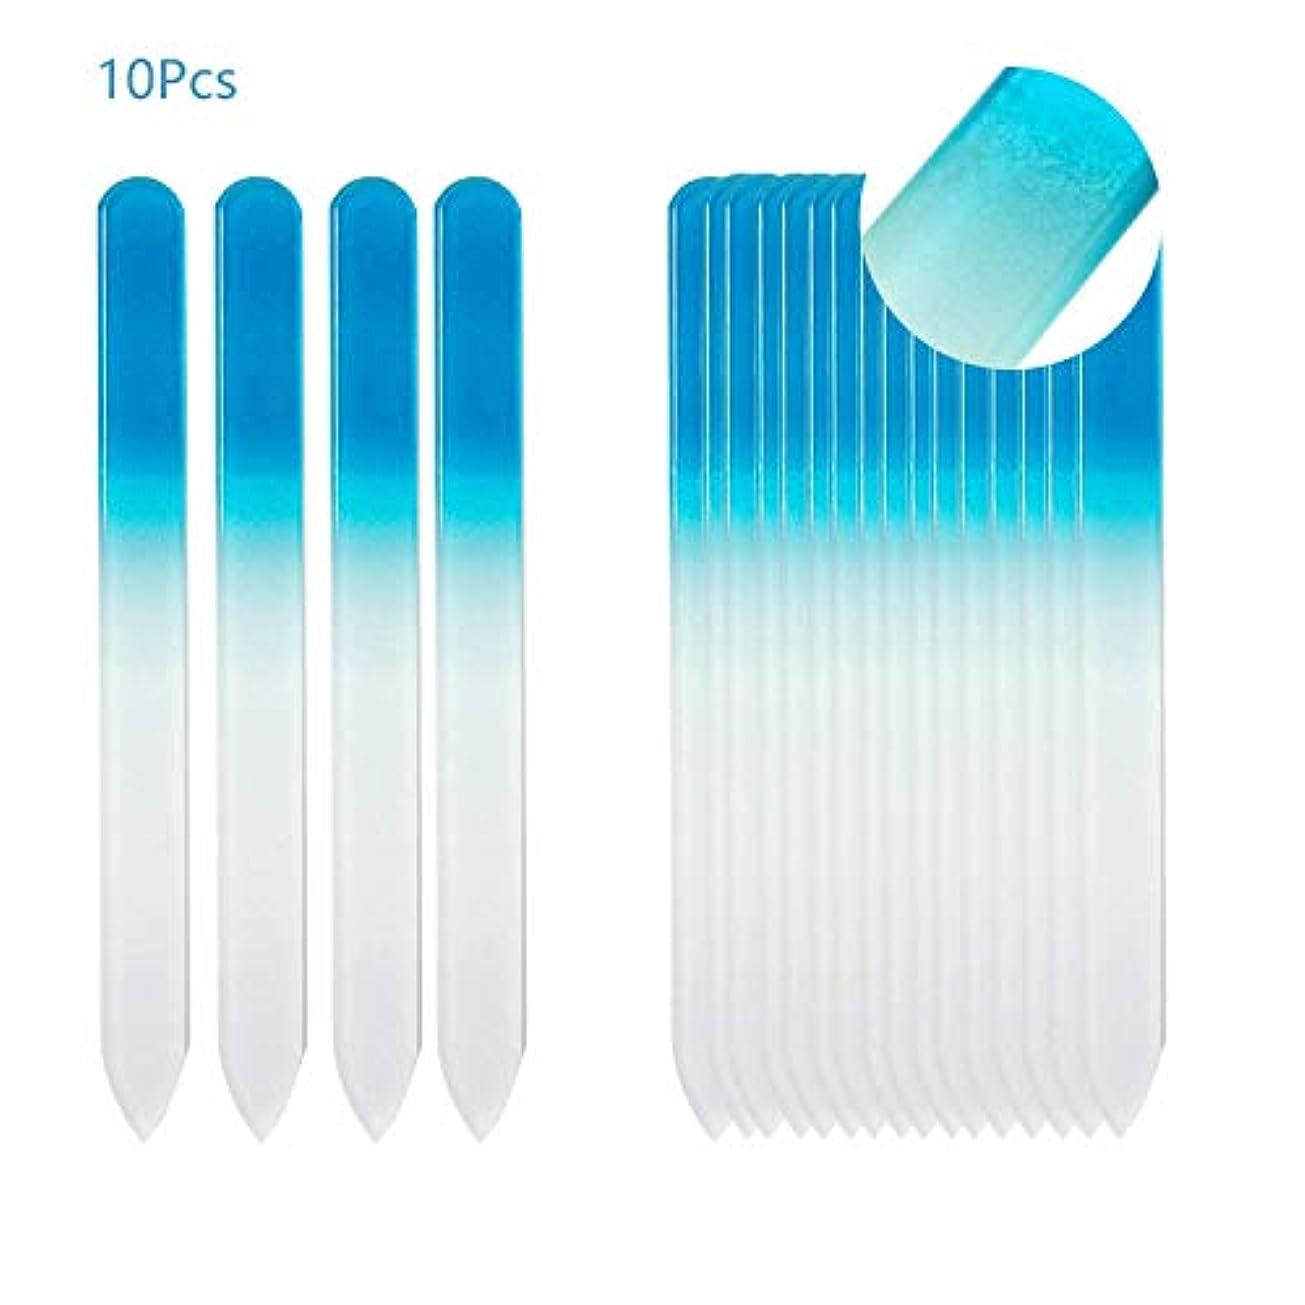 自発的クラシカル勤勉爪やすり ガラスファイル グラスファイル 何度でも再利用 ネイル用品 ジェルネイル